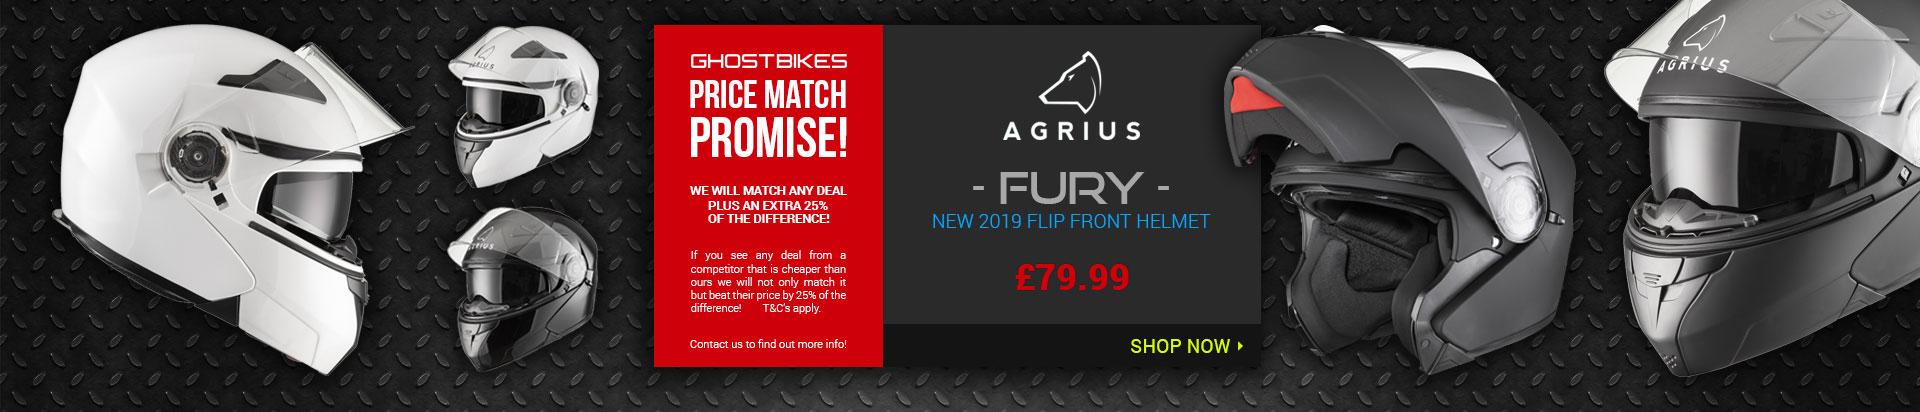 Agrius Fury